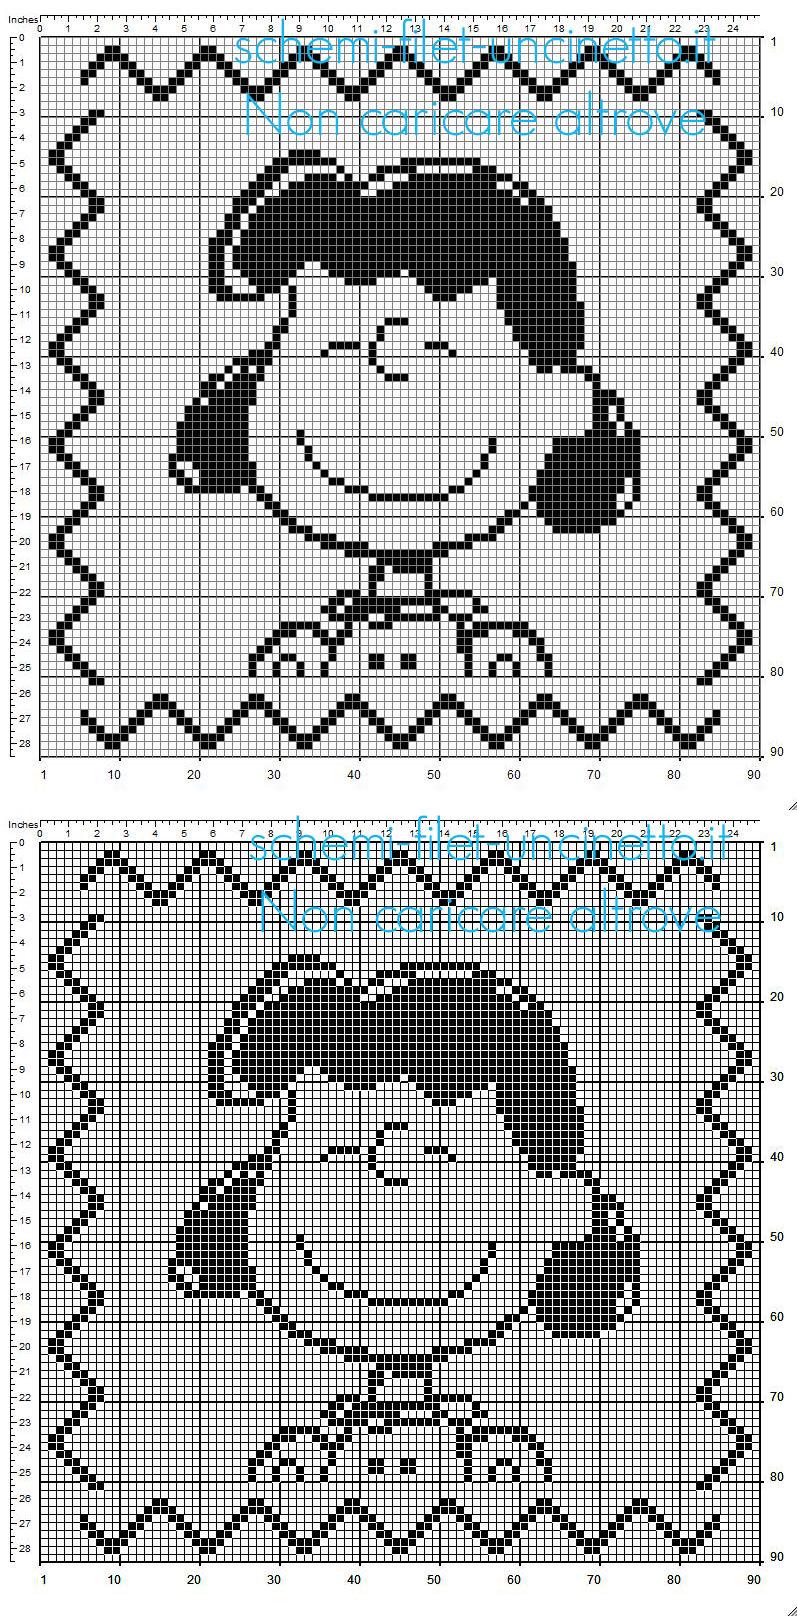 Cuscino bambini a uncinetto filet con Lucy personaggio di Charlie Brown dimensioni 90 x 90 quadretti